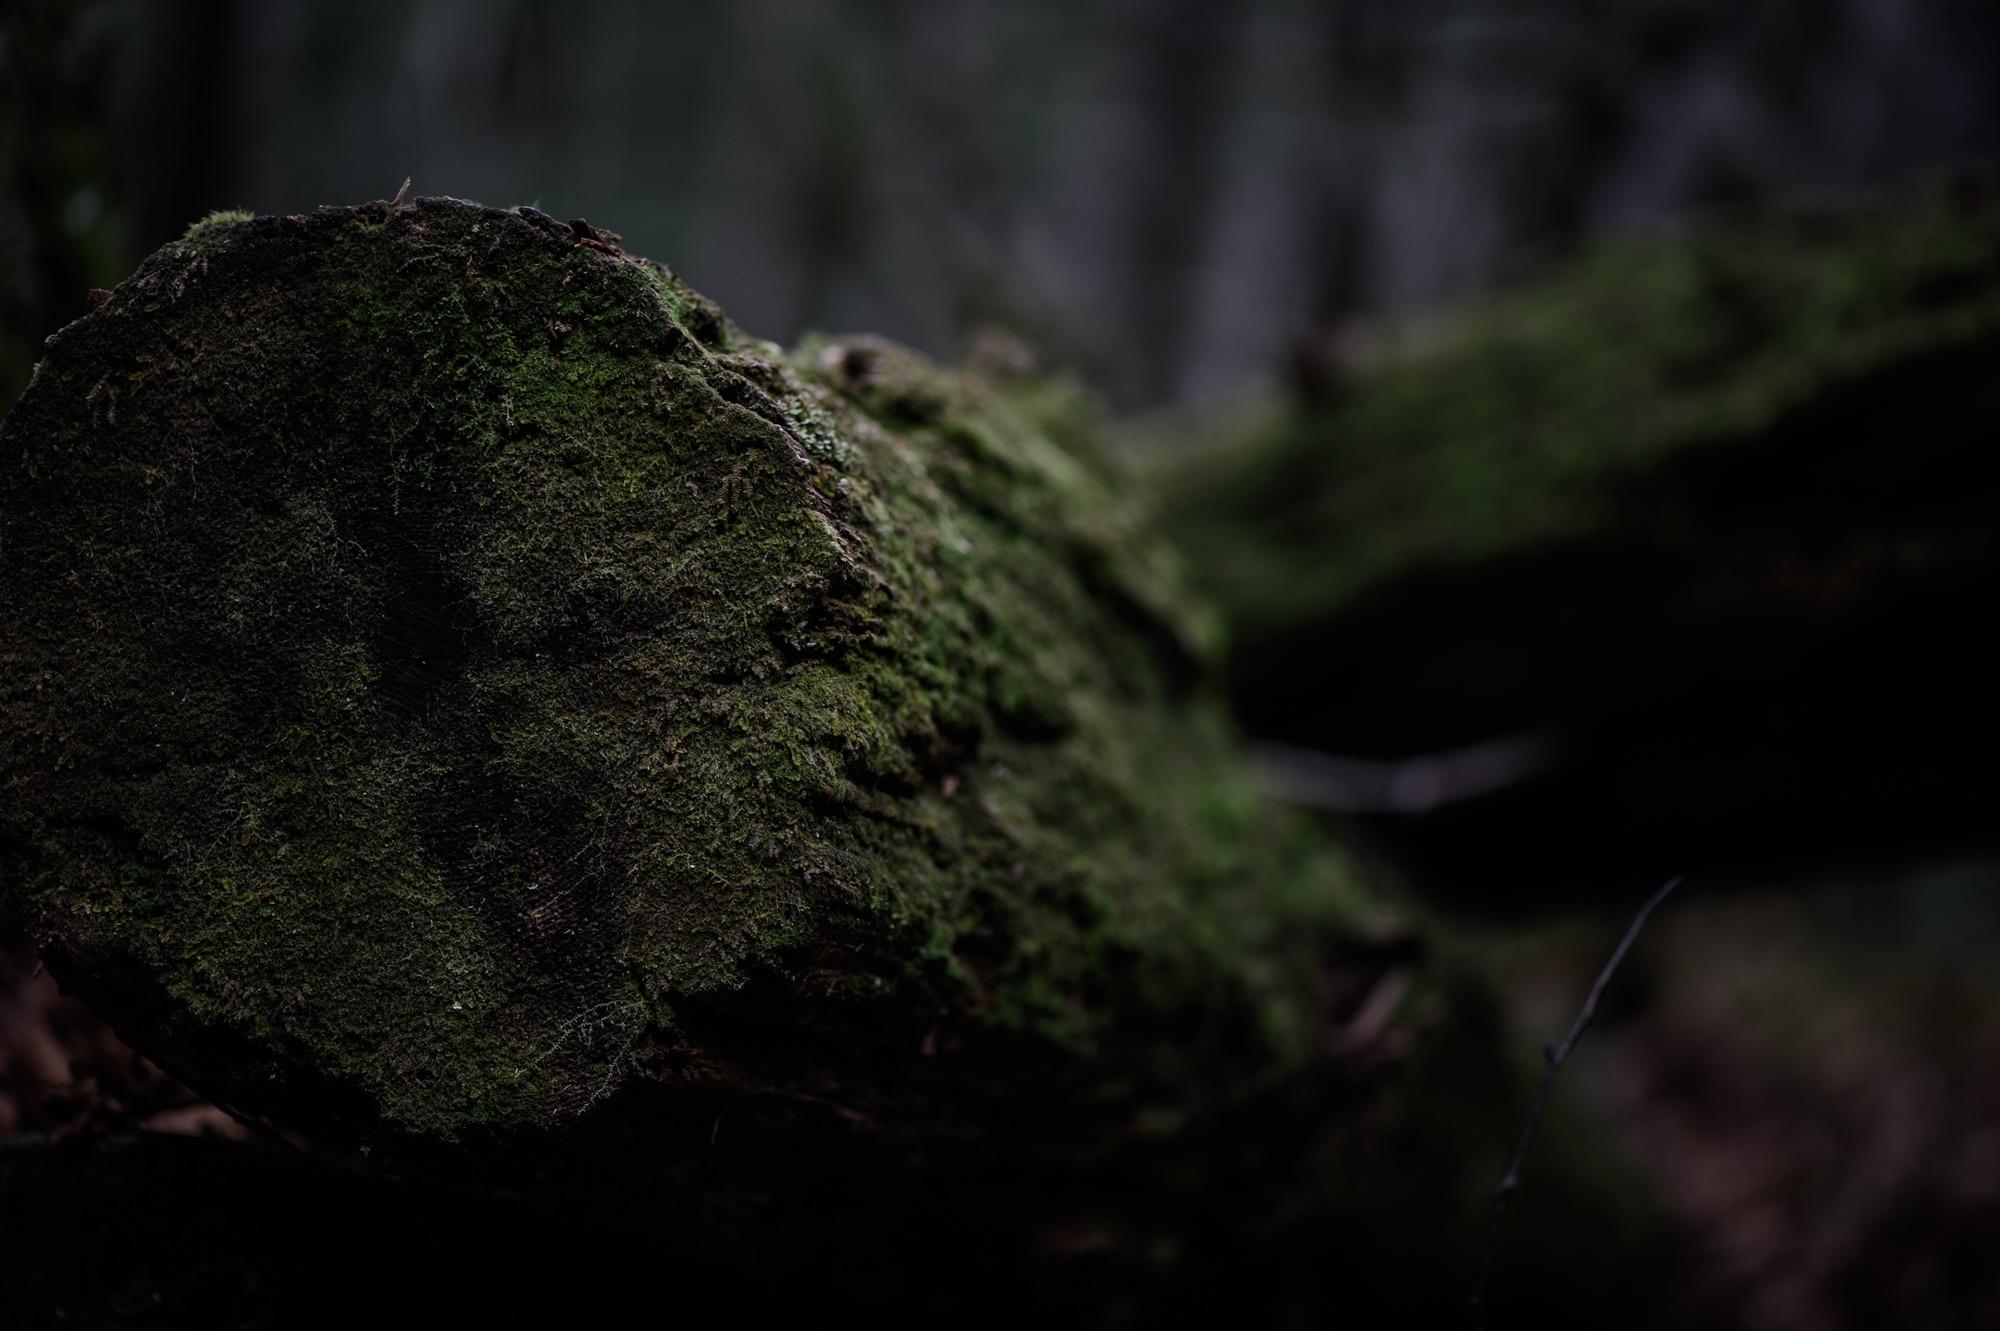 木に生い茂った苔